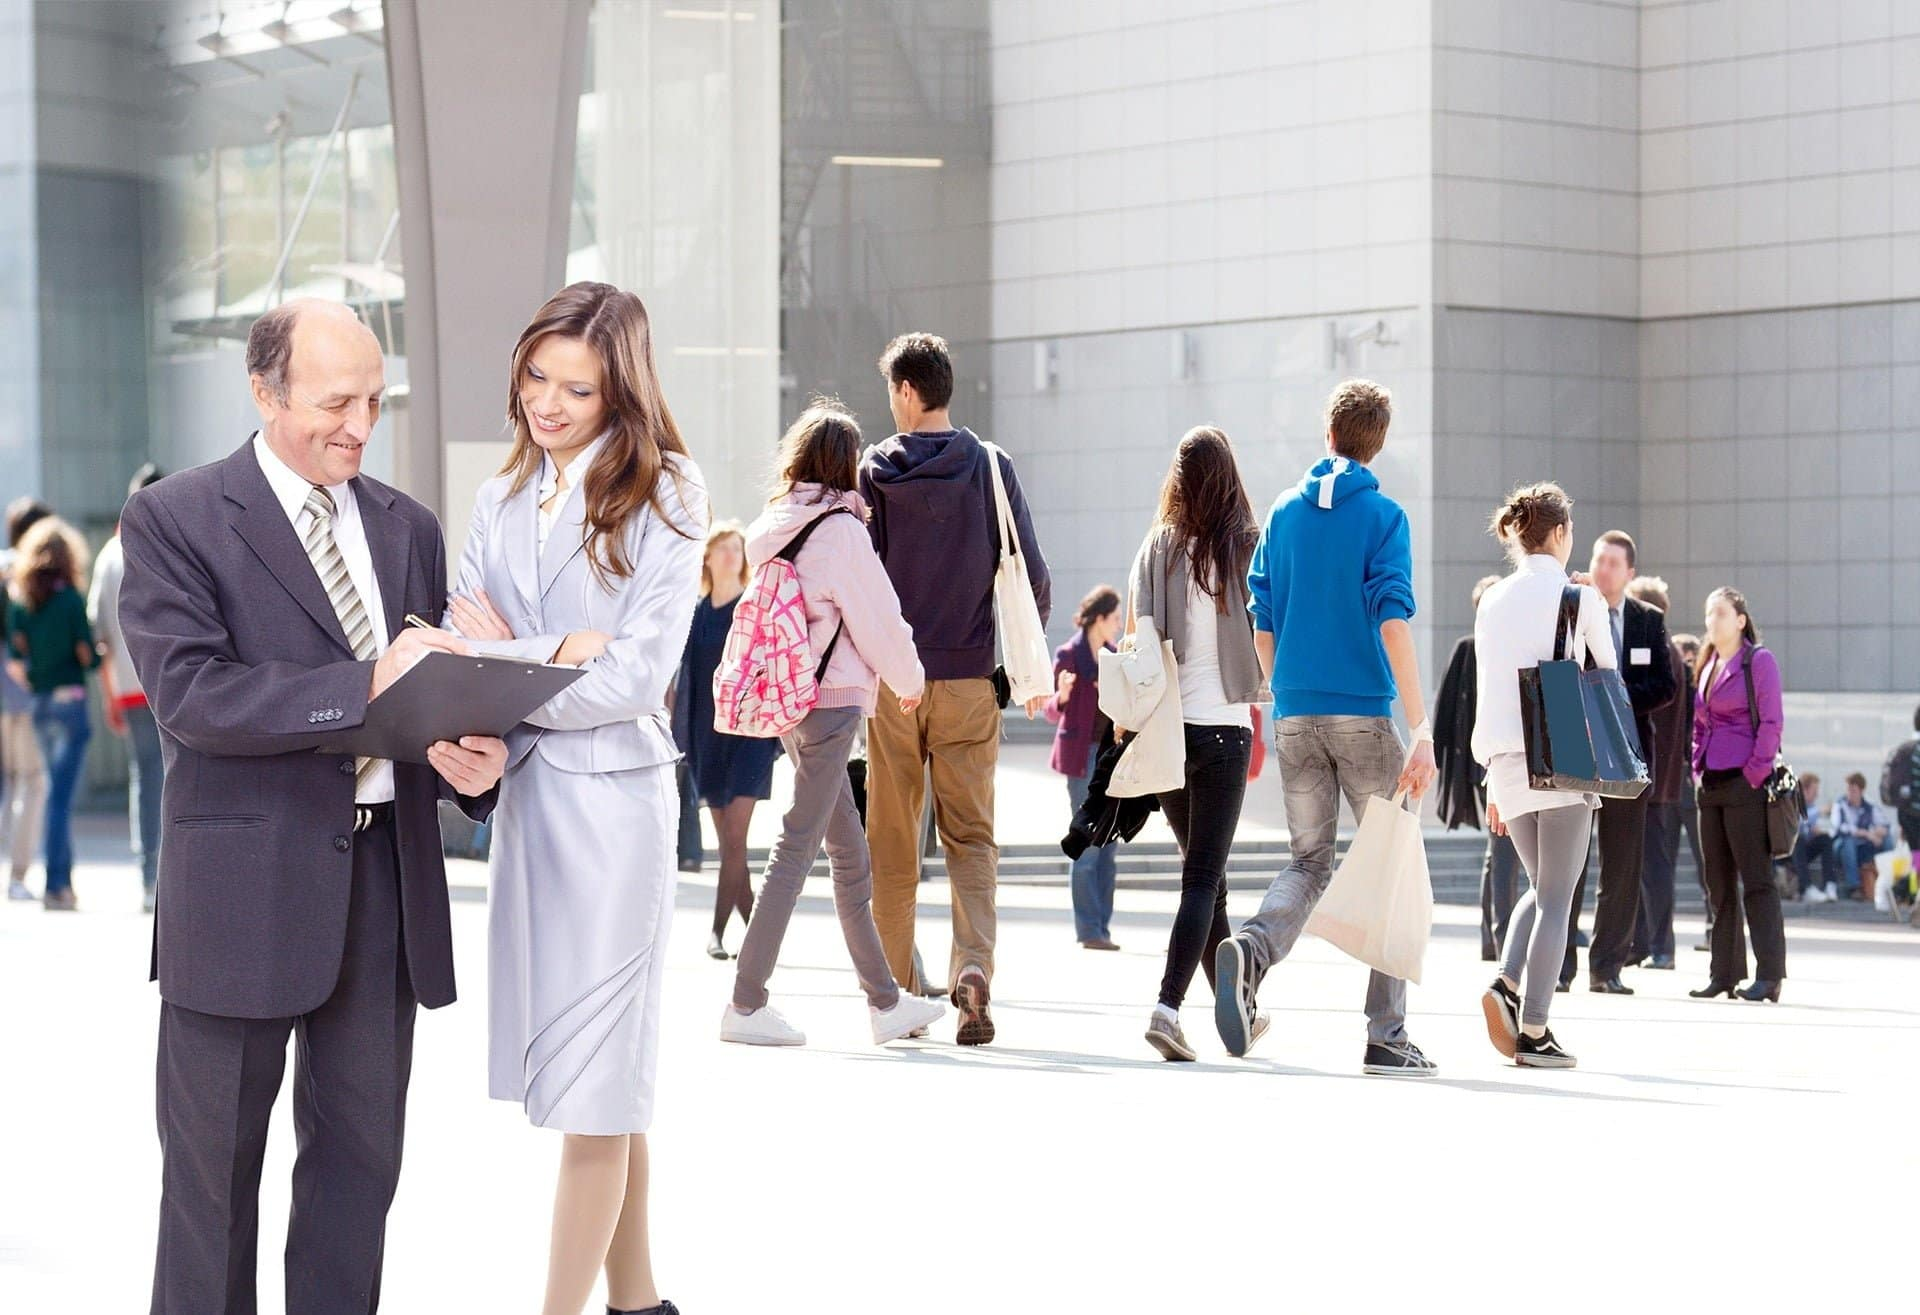 Taller de habilidades sociales y autoestima